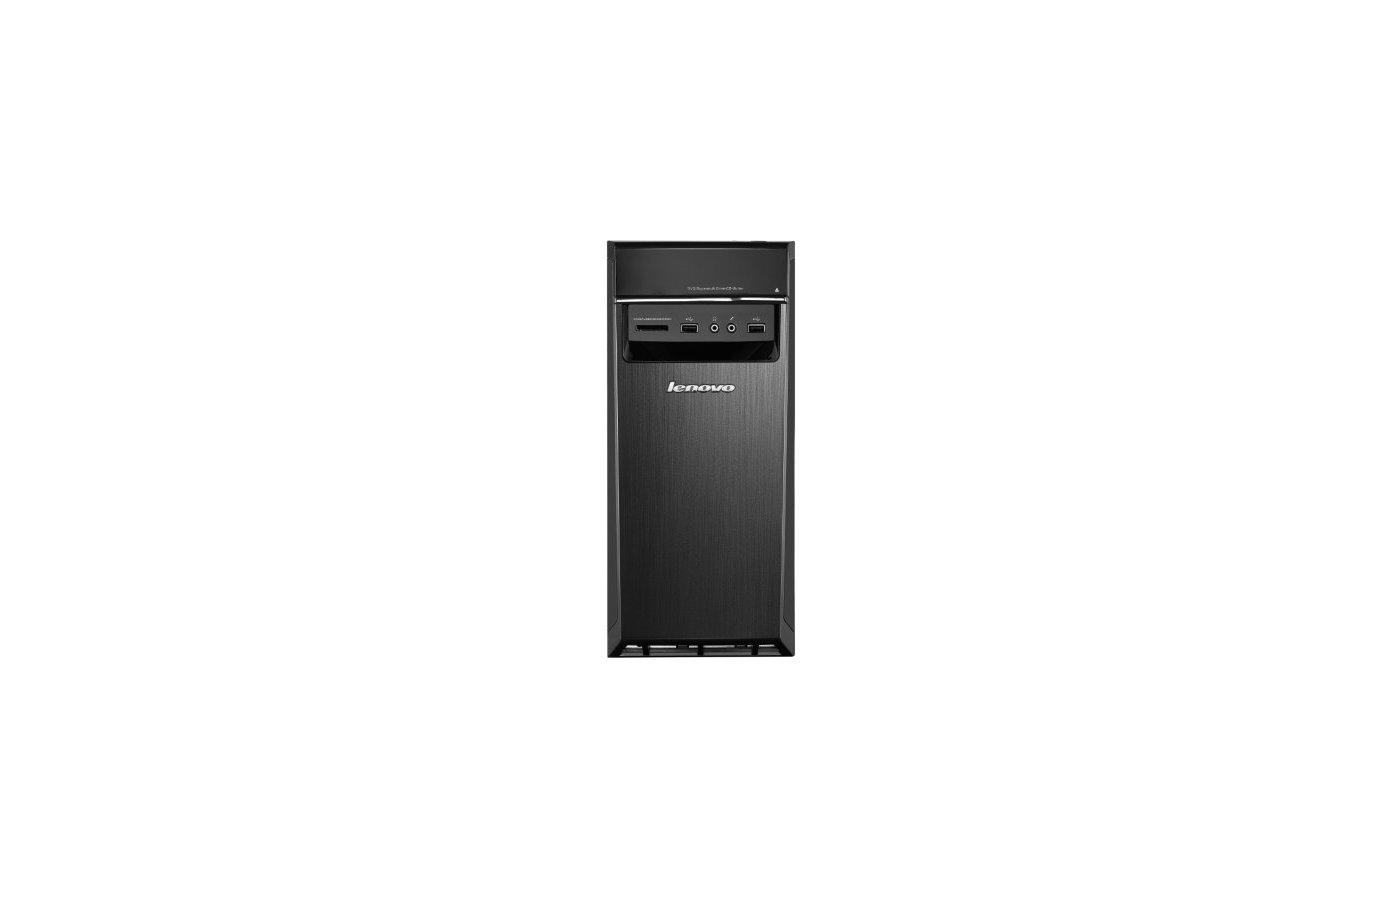 Системный блок Lenovo IdeaCentre 300-20ISH /90DA0061RS/